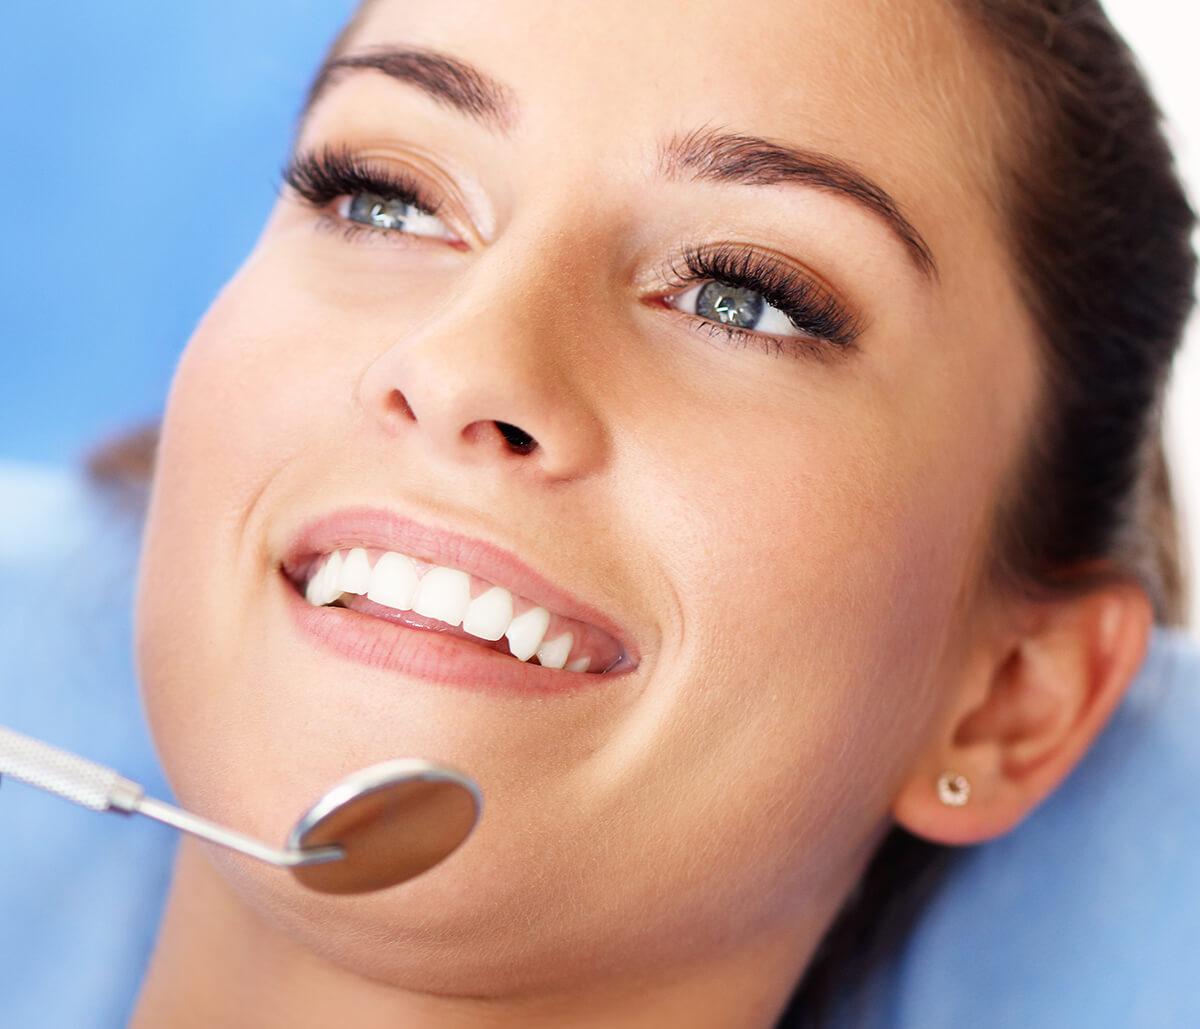 Dentist for Veneers in San Francisco Area